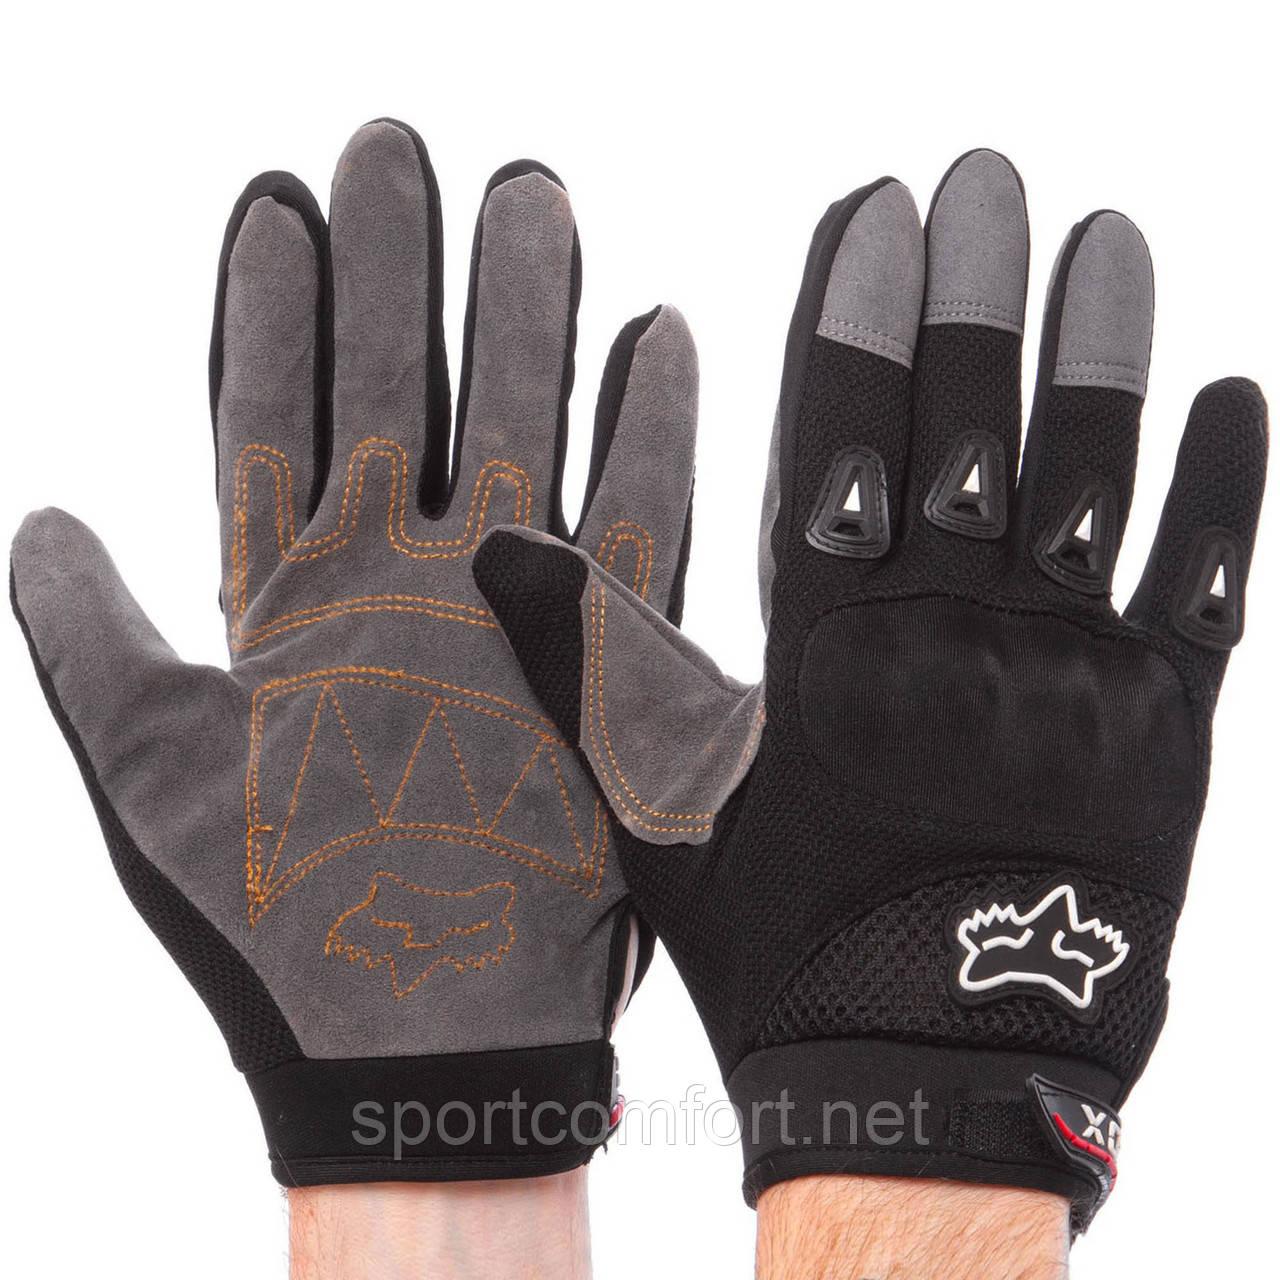 Мотоперчатки Fox текстильні розмір L, XL